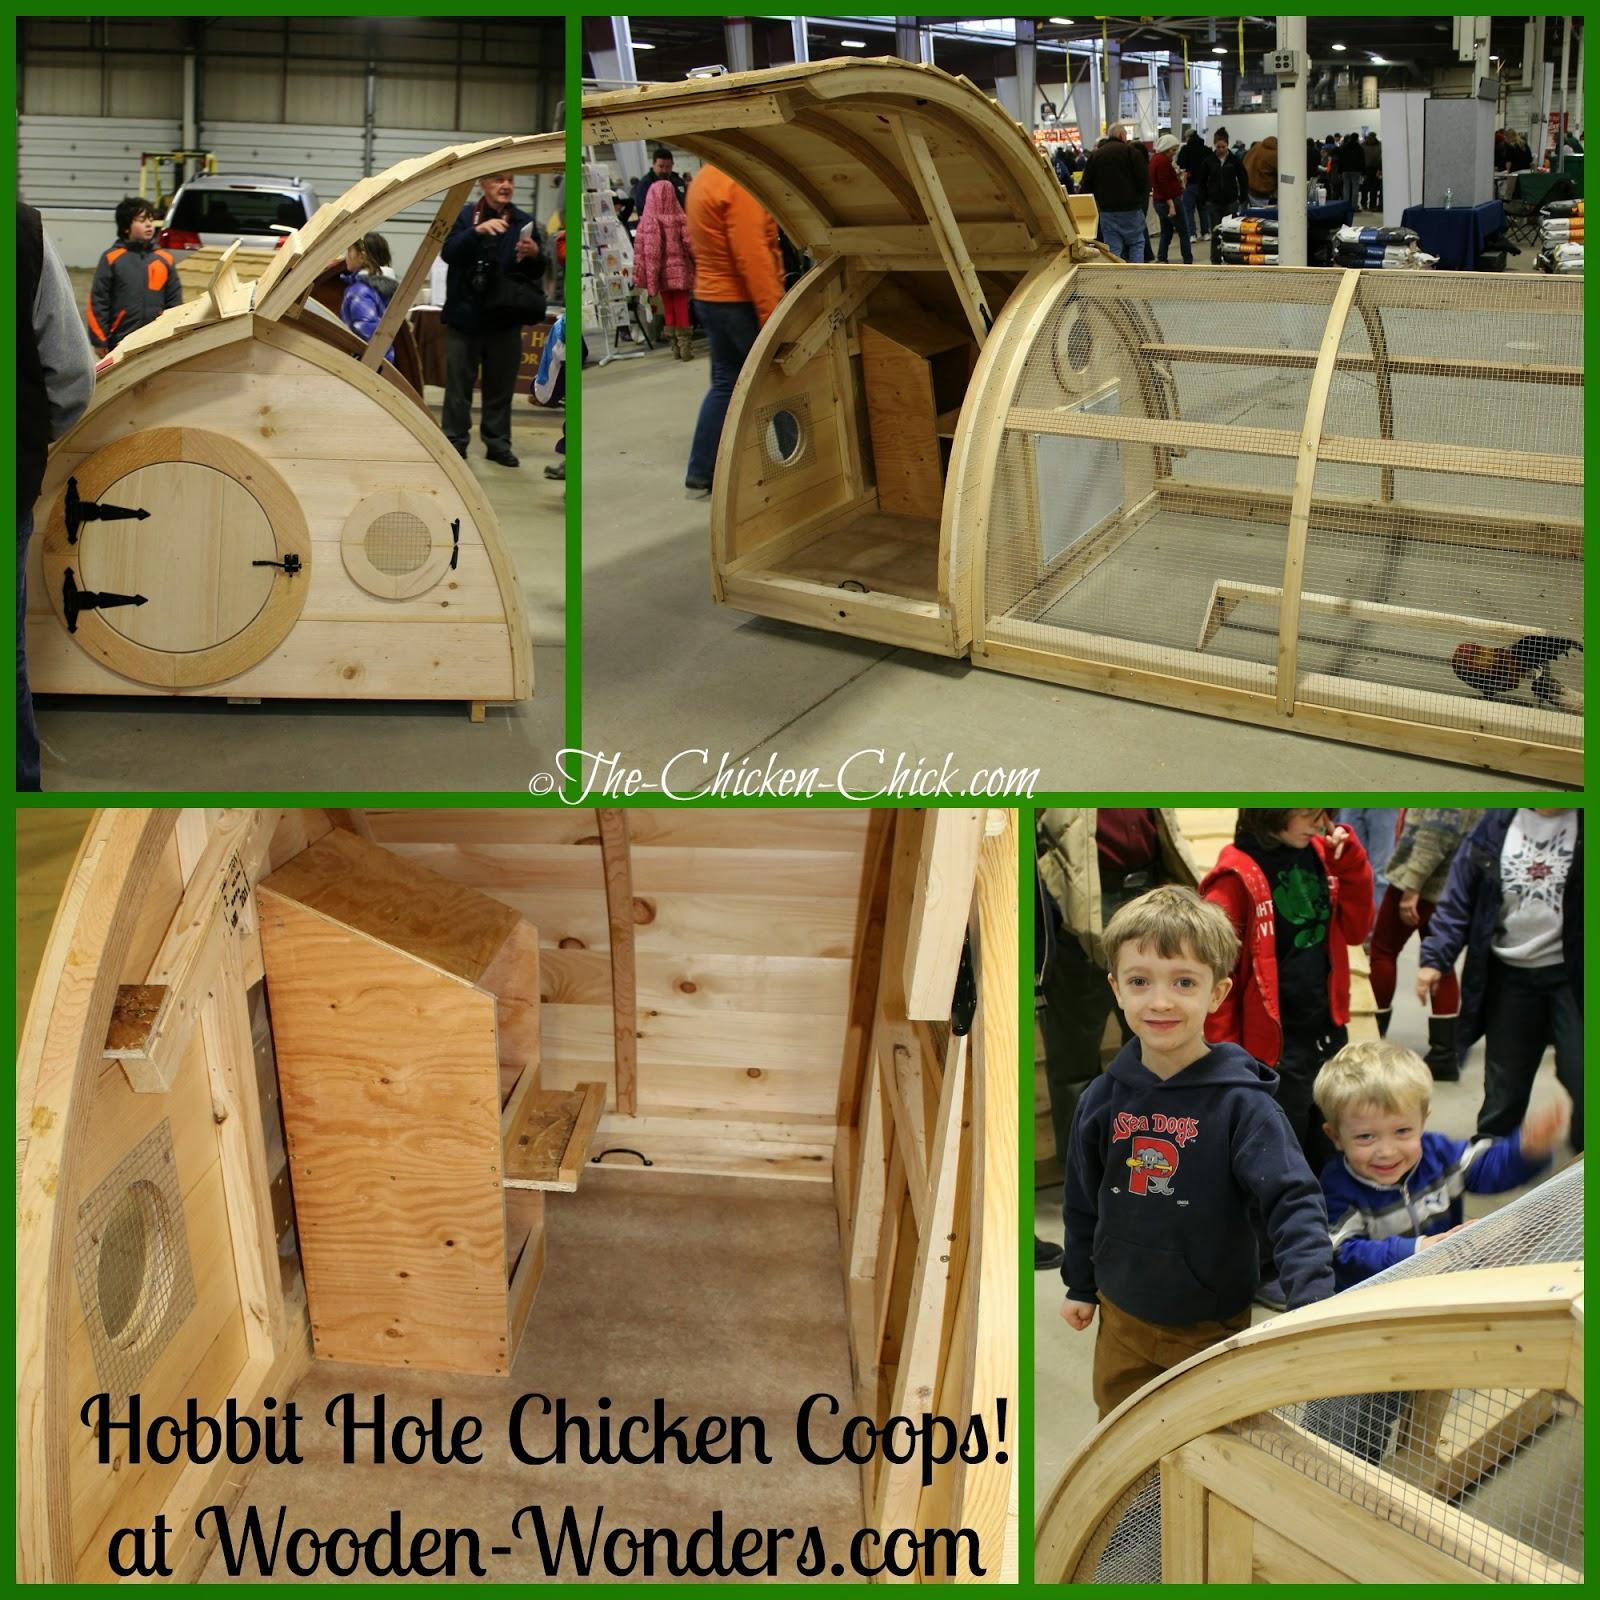 Wooden Wonders Hobbit Hole chicken coops